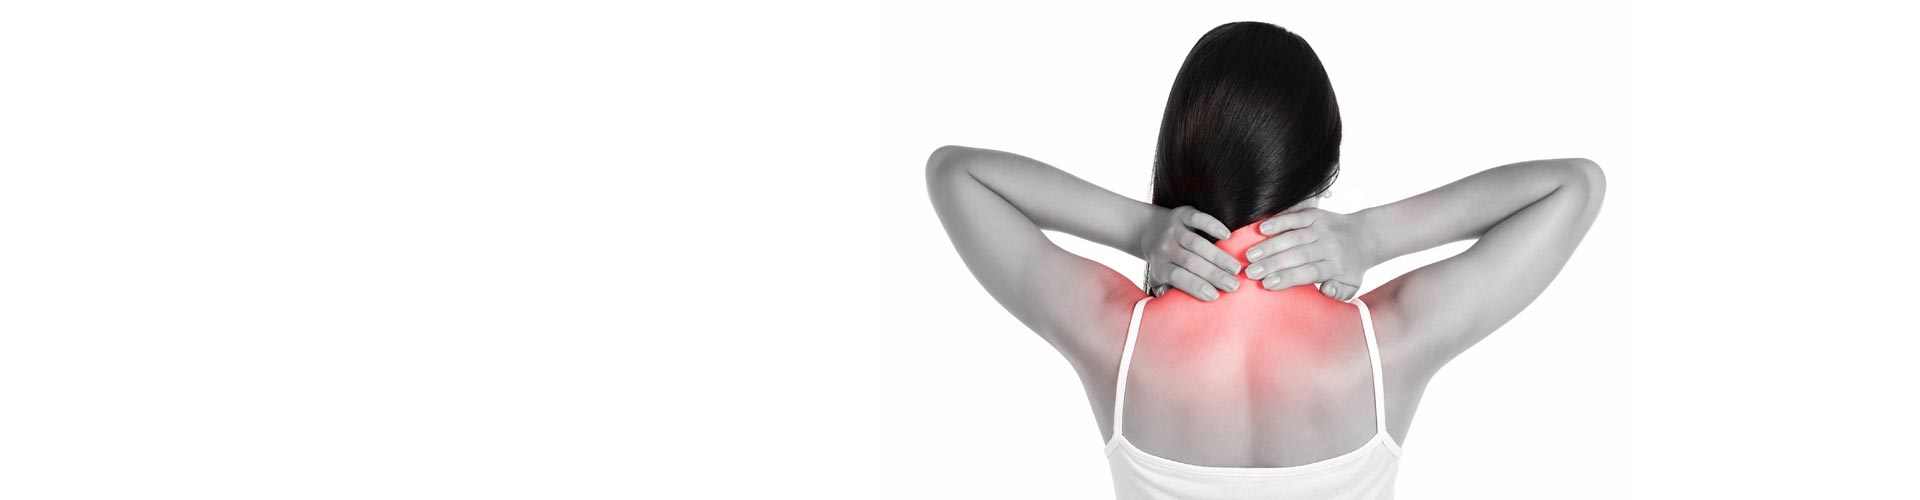 neck-pain-relief-illovo-Umhlanga